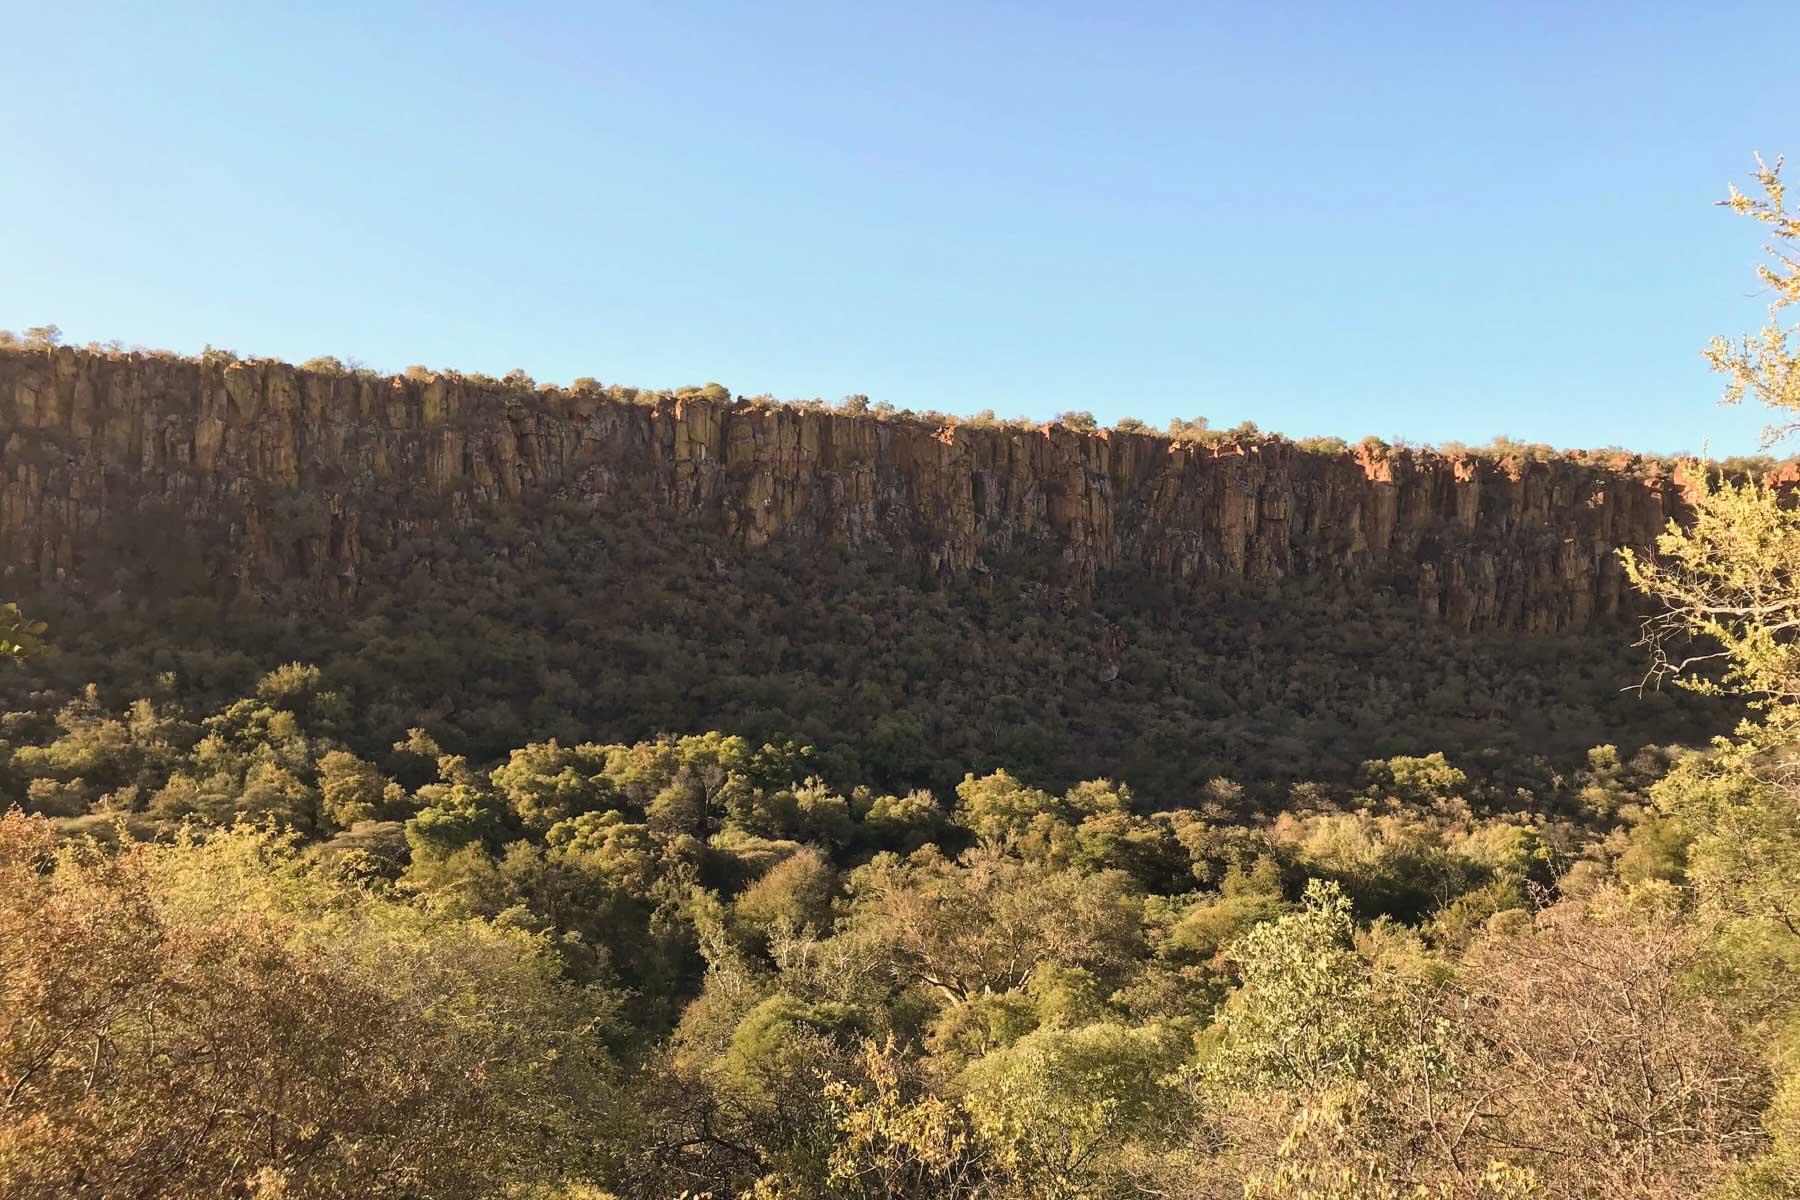 MEA_Waterberg_Plateau_Namibie